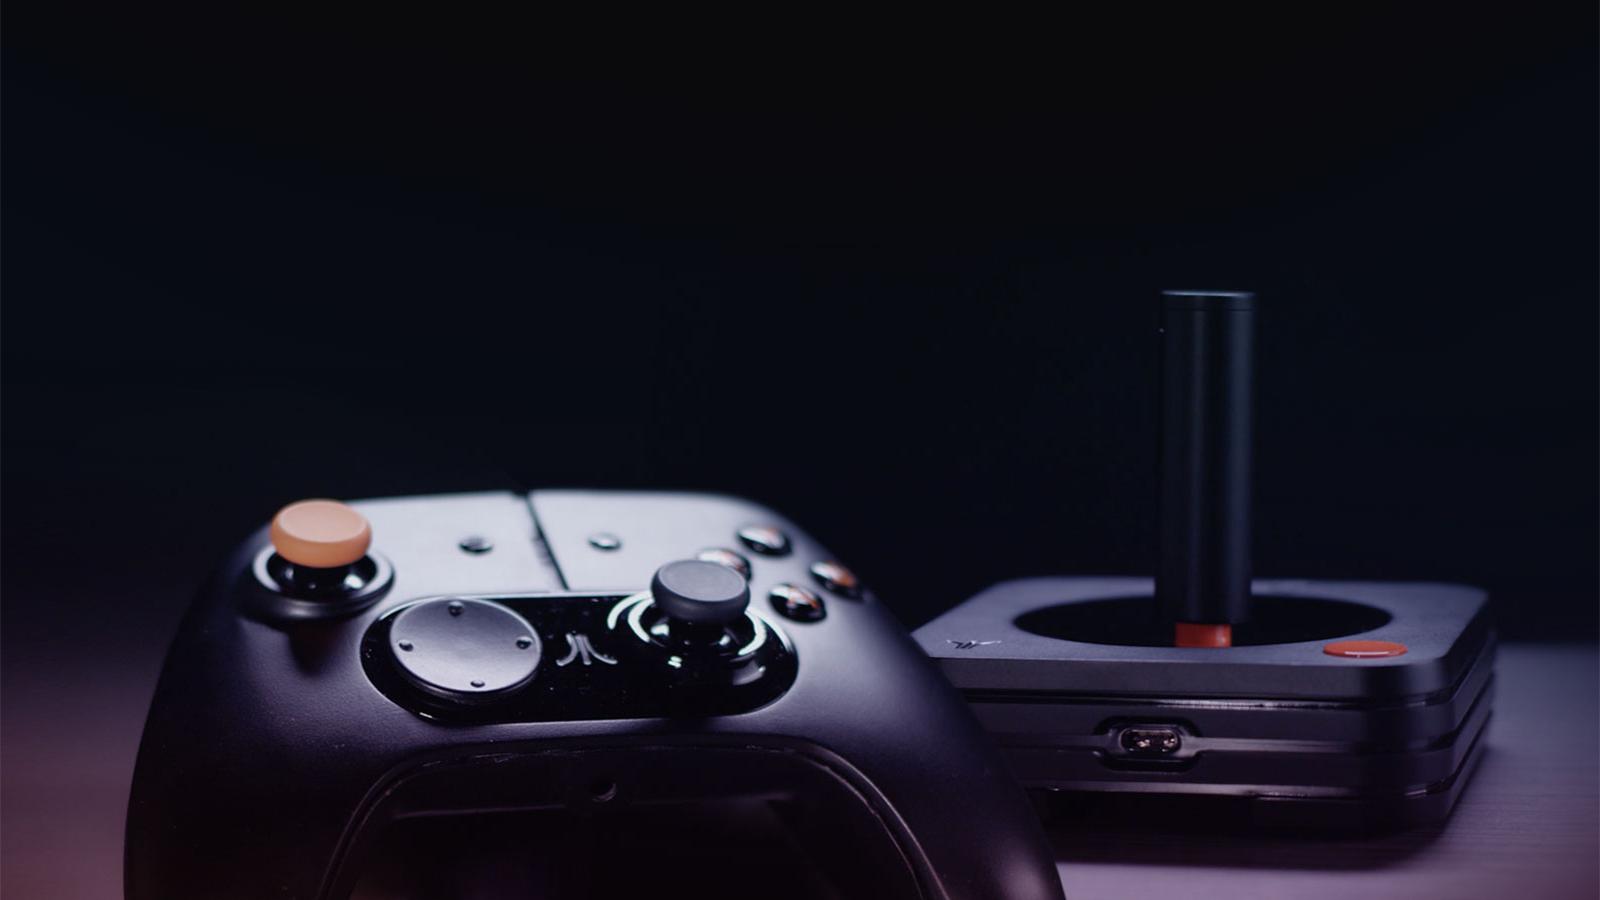 Atari VCS abre reservas el 30 de mayo para envíos en 2019 - 3DJuegos